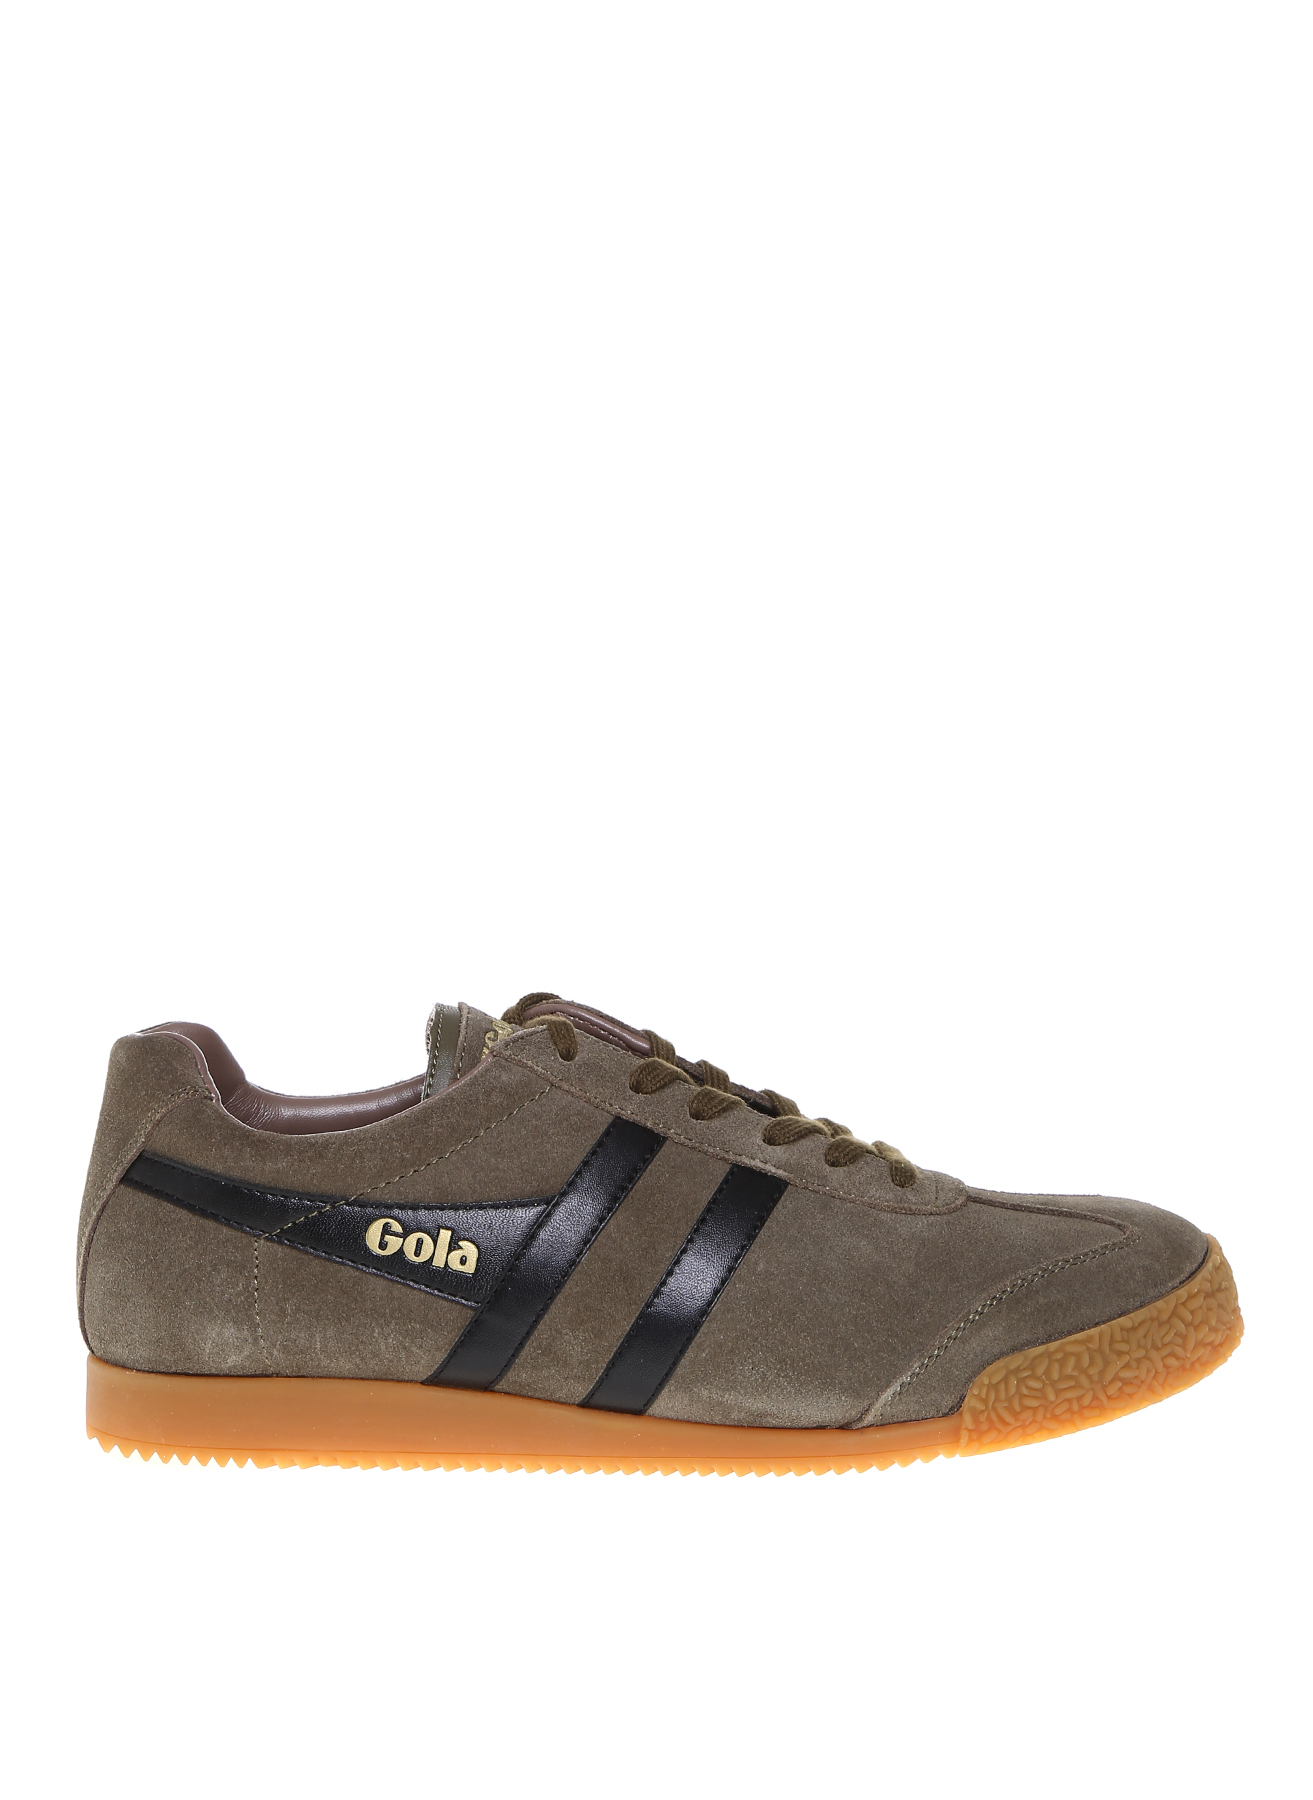 Gola Bağcıklı Lifestyle Ayakkabı 43 5002362434003 Ürün Resmi